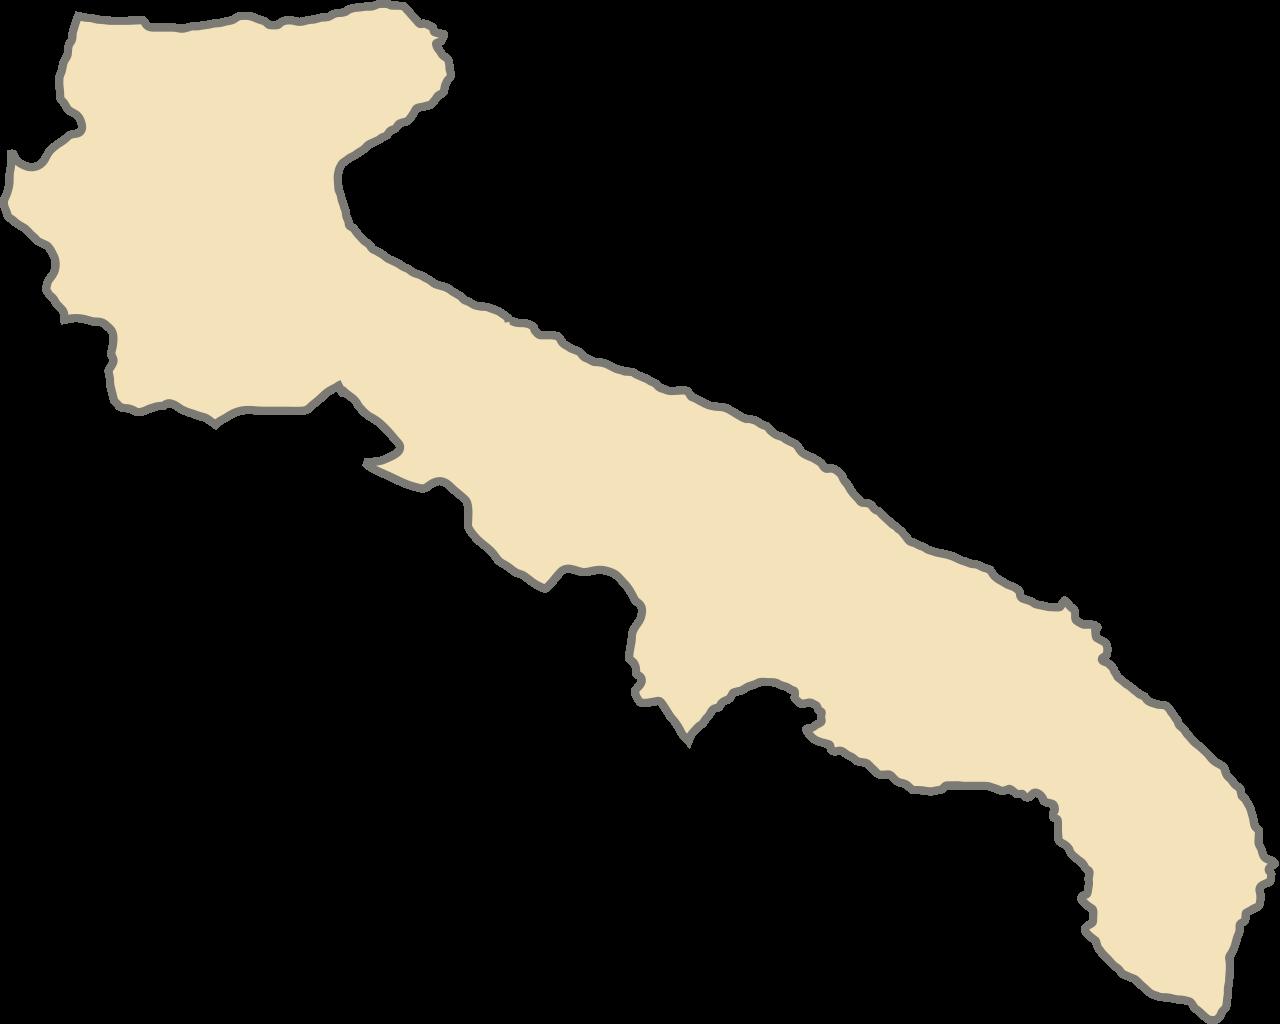 Regione_thumb_Puglia.png